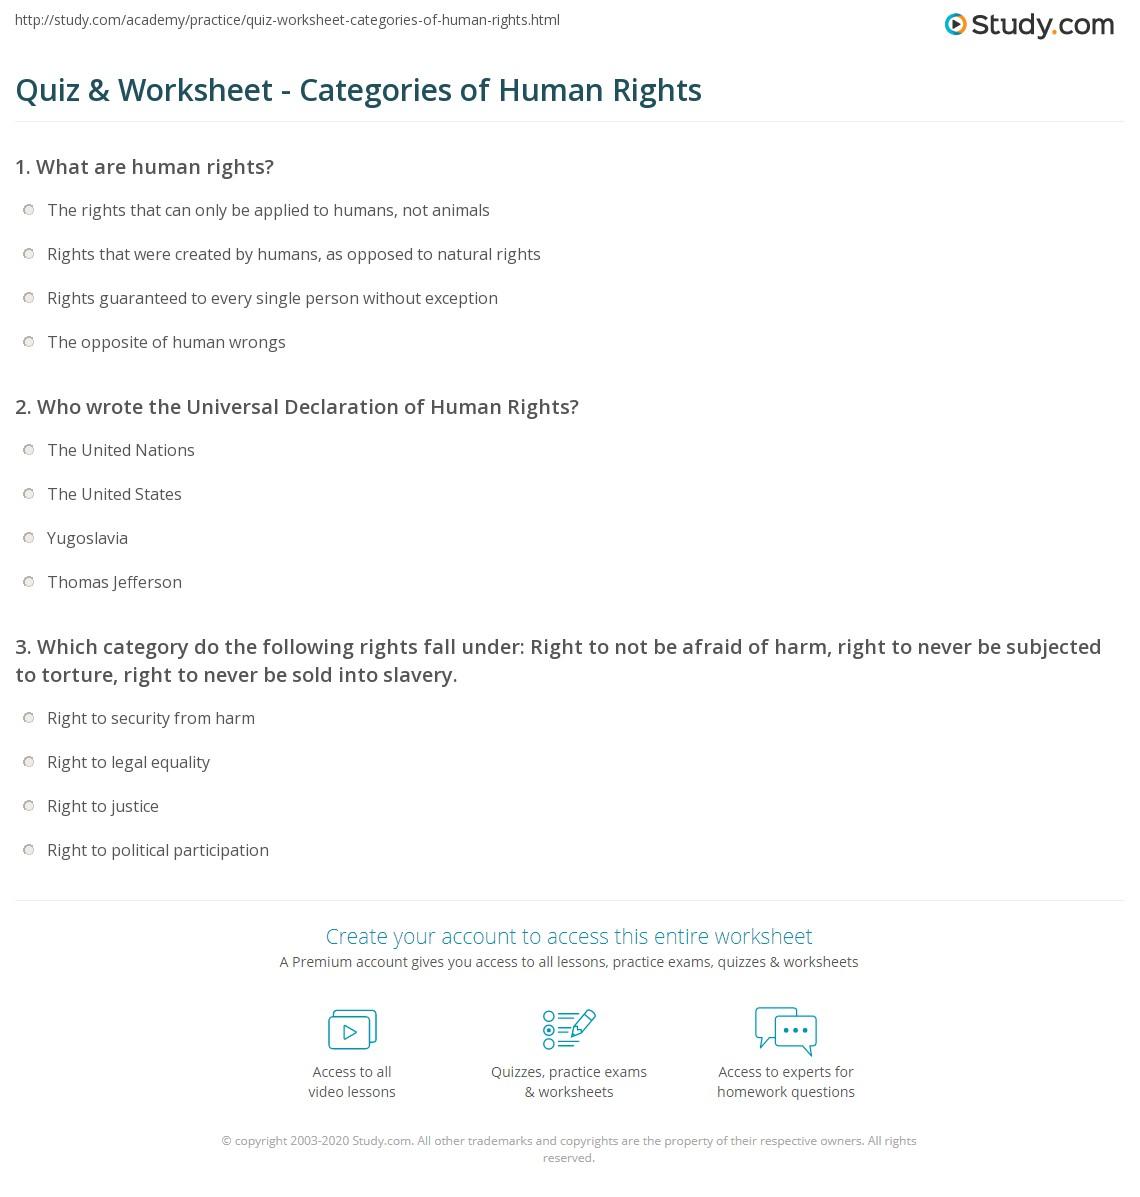 human rights worksheet resultinfos. Black Bedroom Furniture Sets. Home Design Ideas